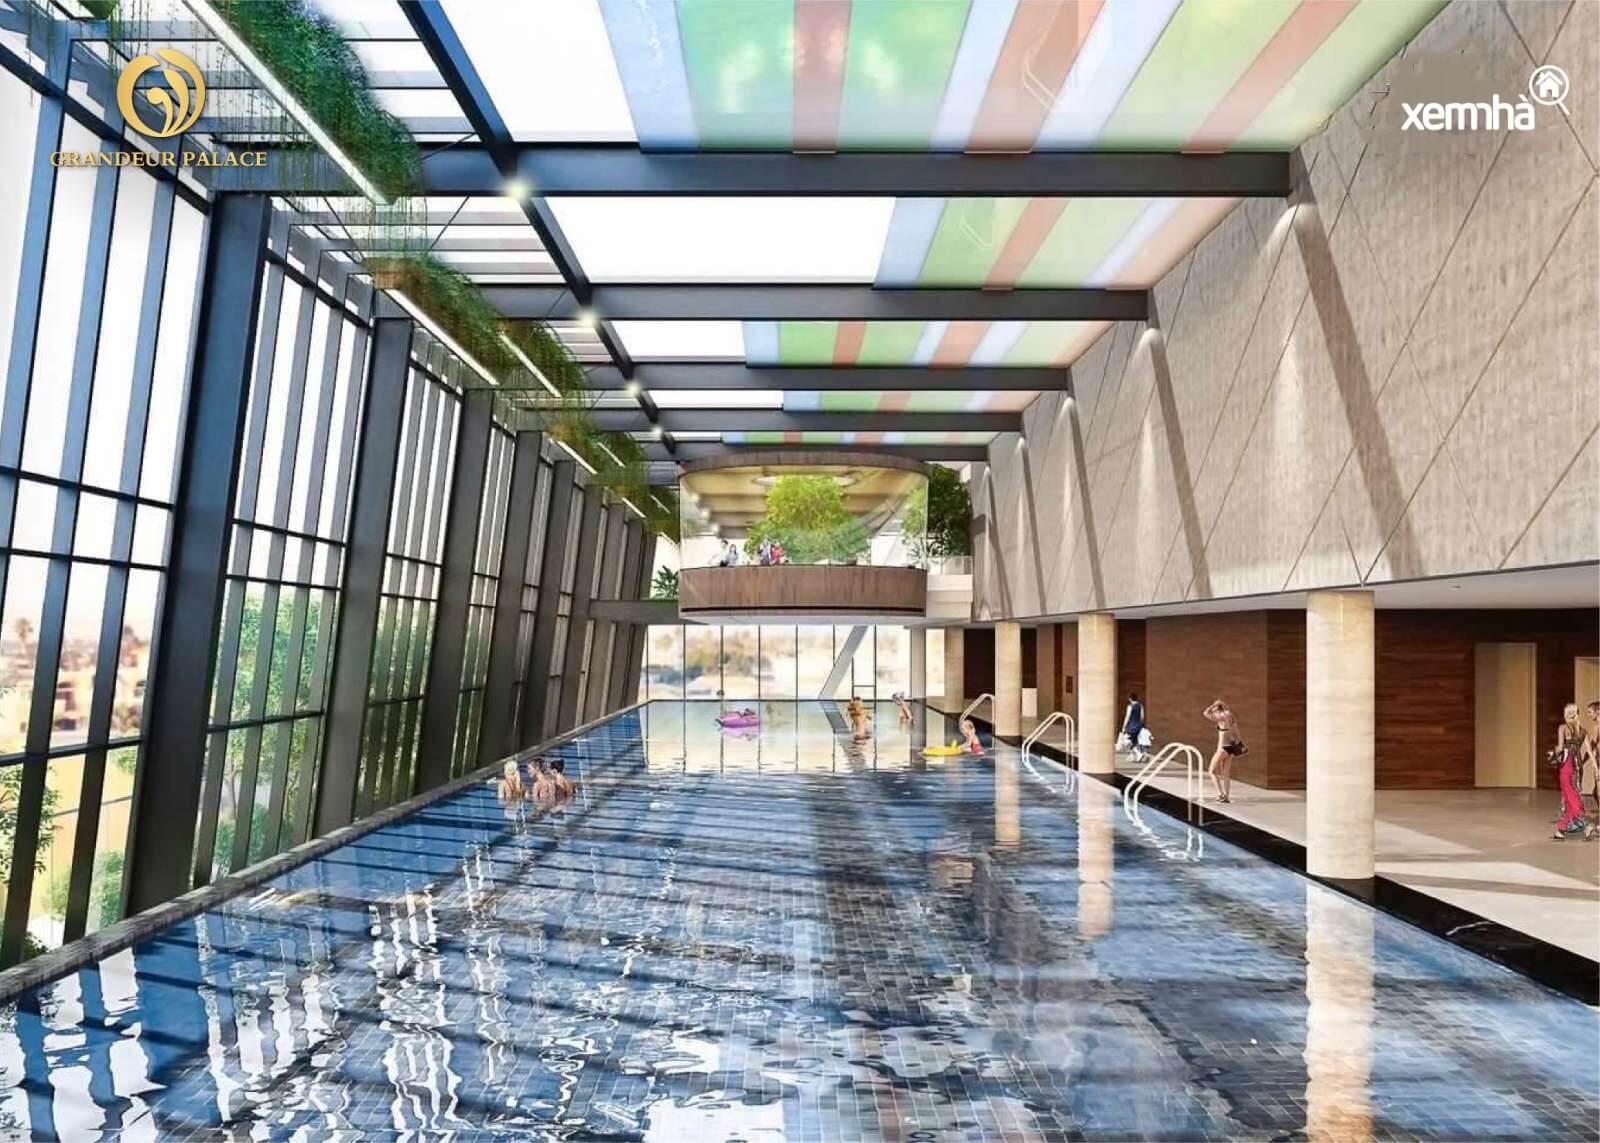 Bể bơi bốn mùa dự án Grandeur Palace